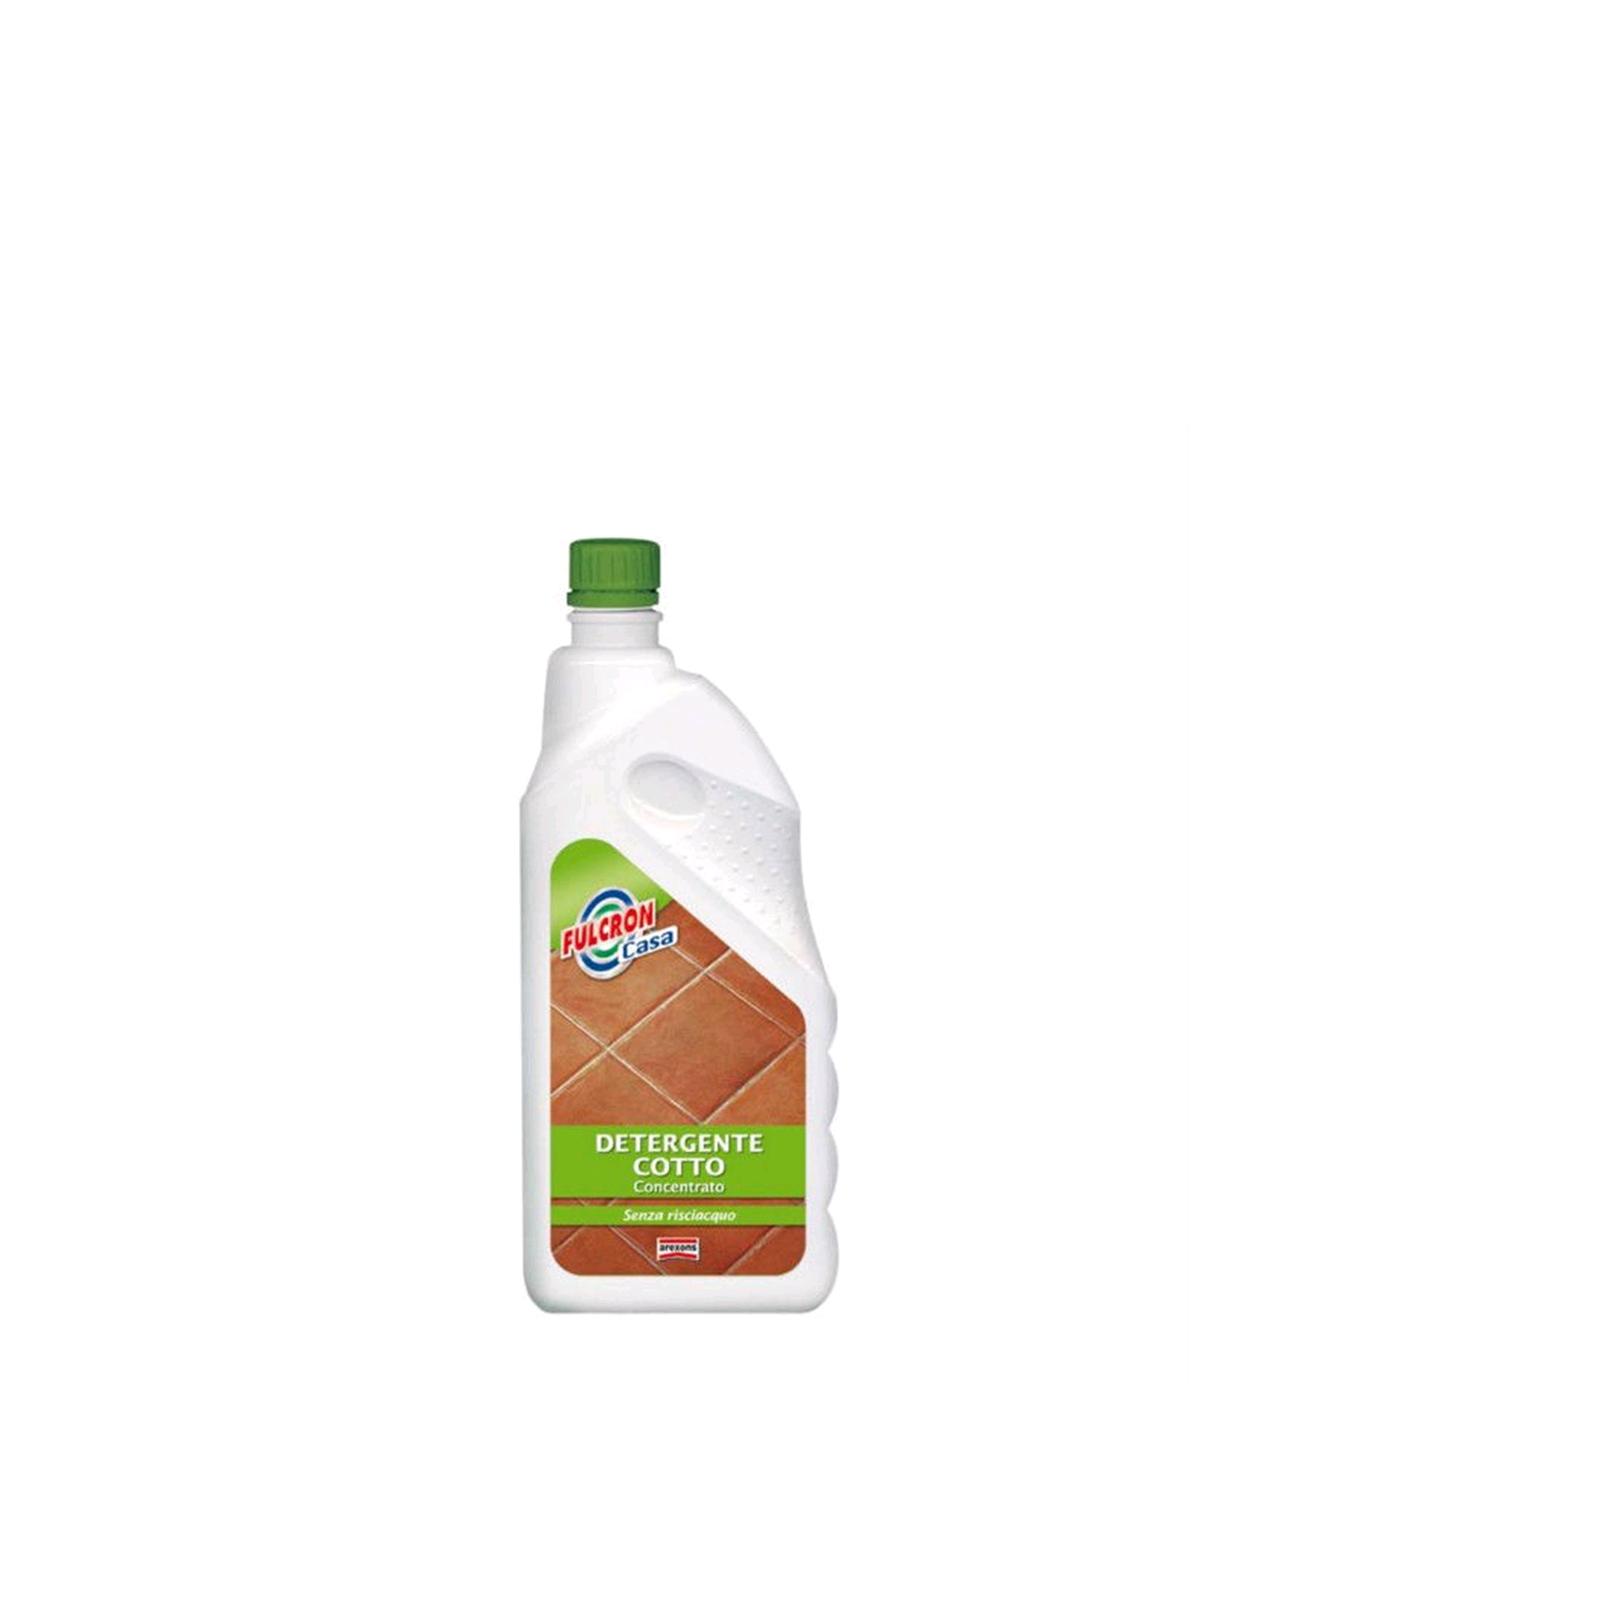 Detergente Per Cotto Esterno dettagli su fulcron detergente cotto e pietra lt 1 senza risciacquo